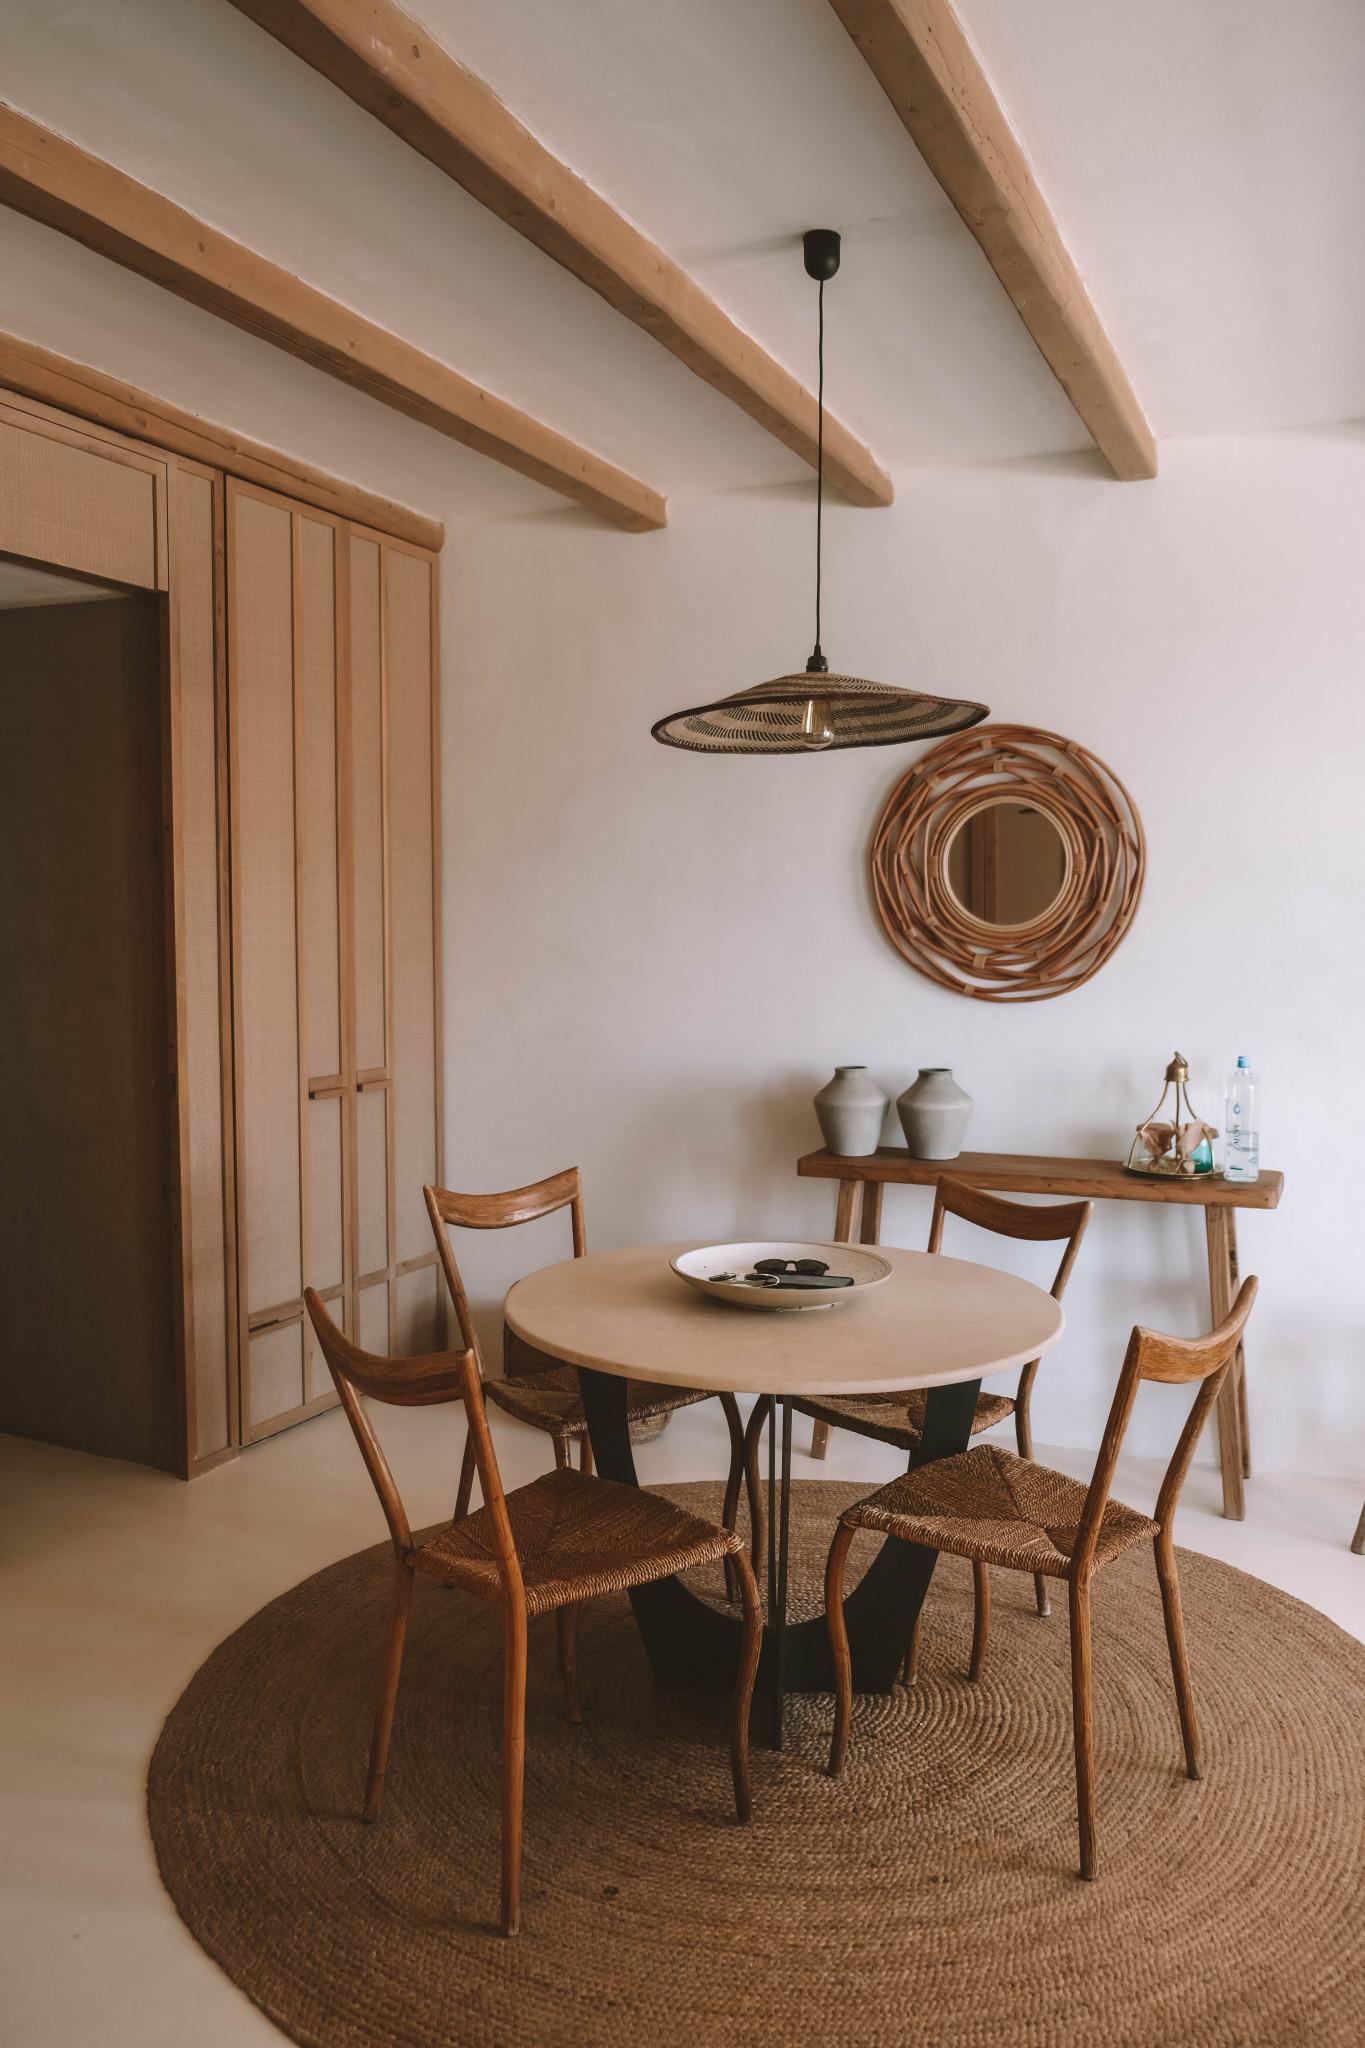 Evasion : le Wild Hotel, pépite bohème chic sur l'île de Mykonos - 5